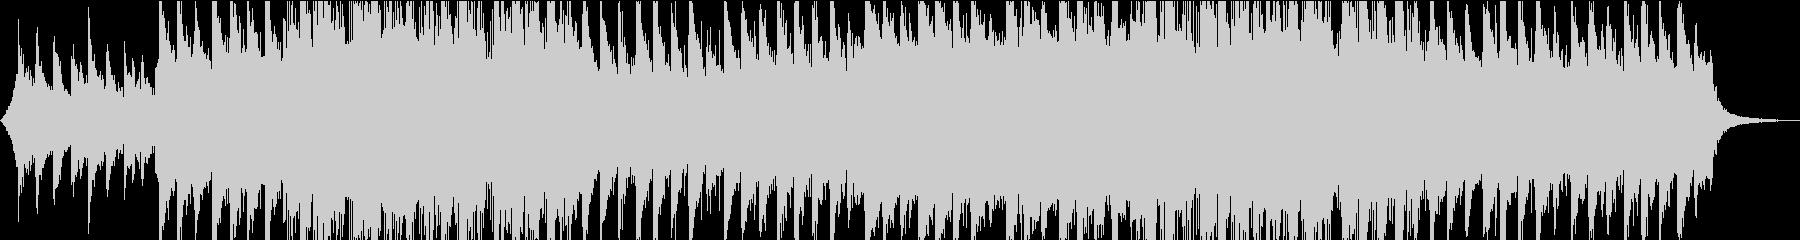 印象に残るメロディのピアノストリングス②の未再生の波形